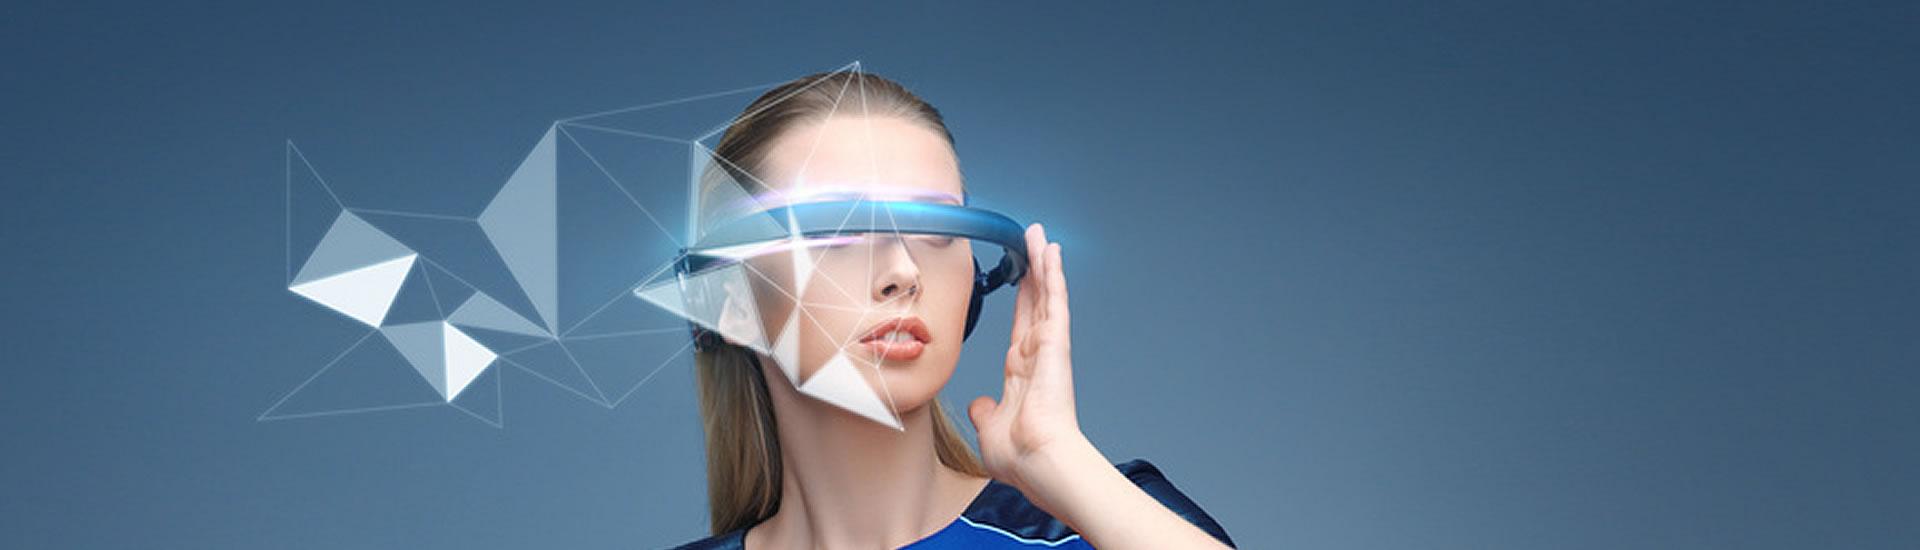 futuretech datenbrille